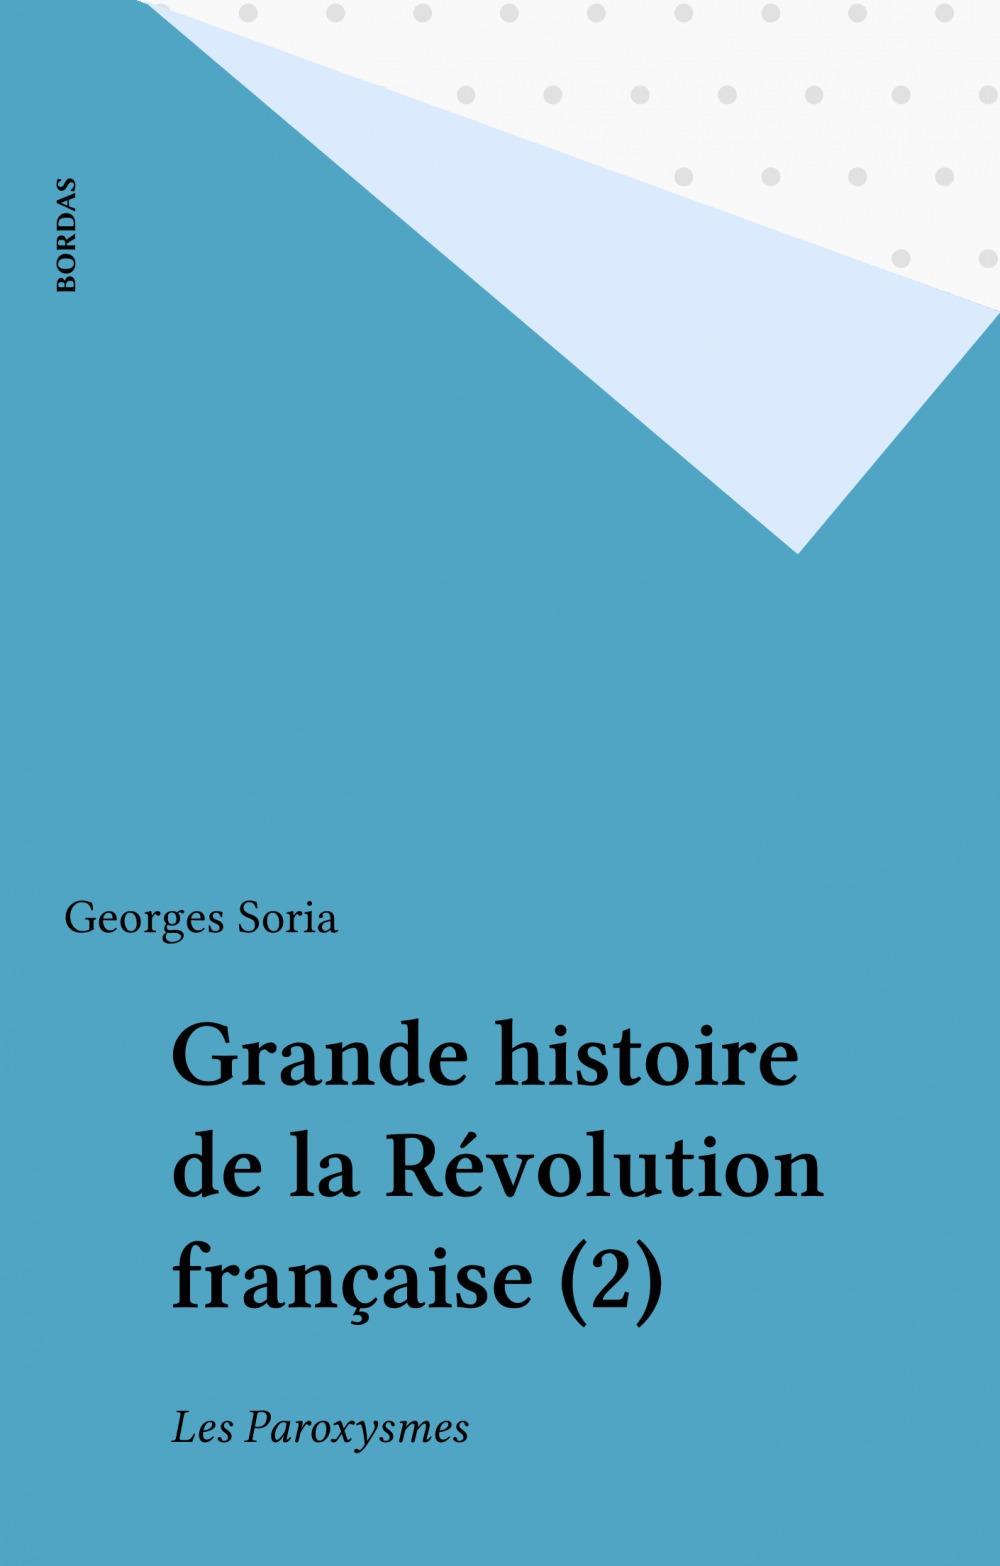 Grande histoire de la Révolution française (2)  - Georges Soria